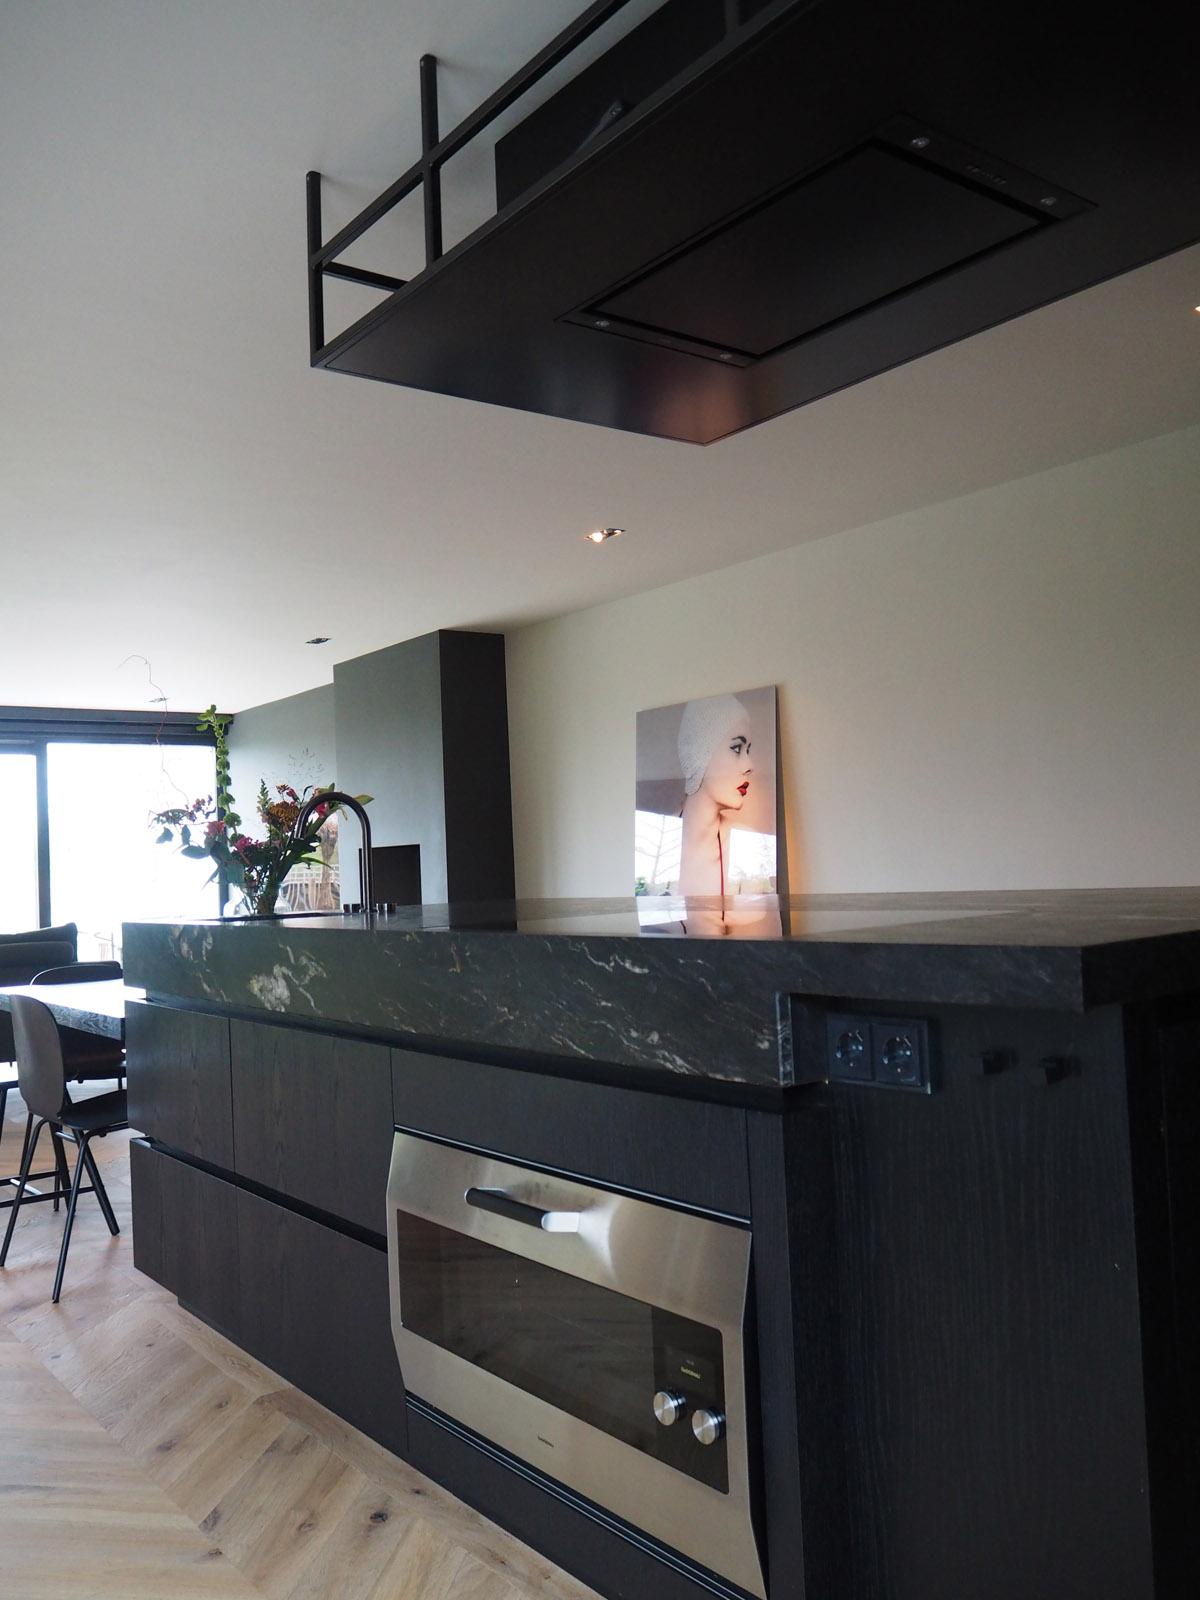 jeroen_de_nijs_ijburg_marble_kitchen_gaggenau